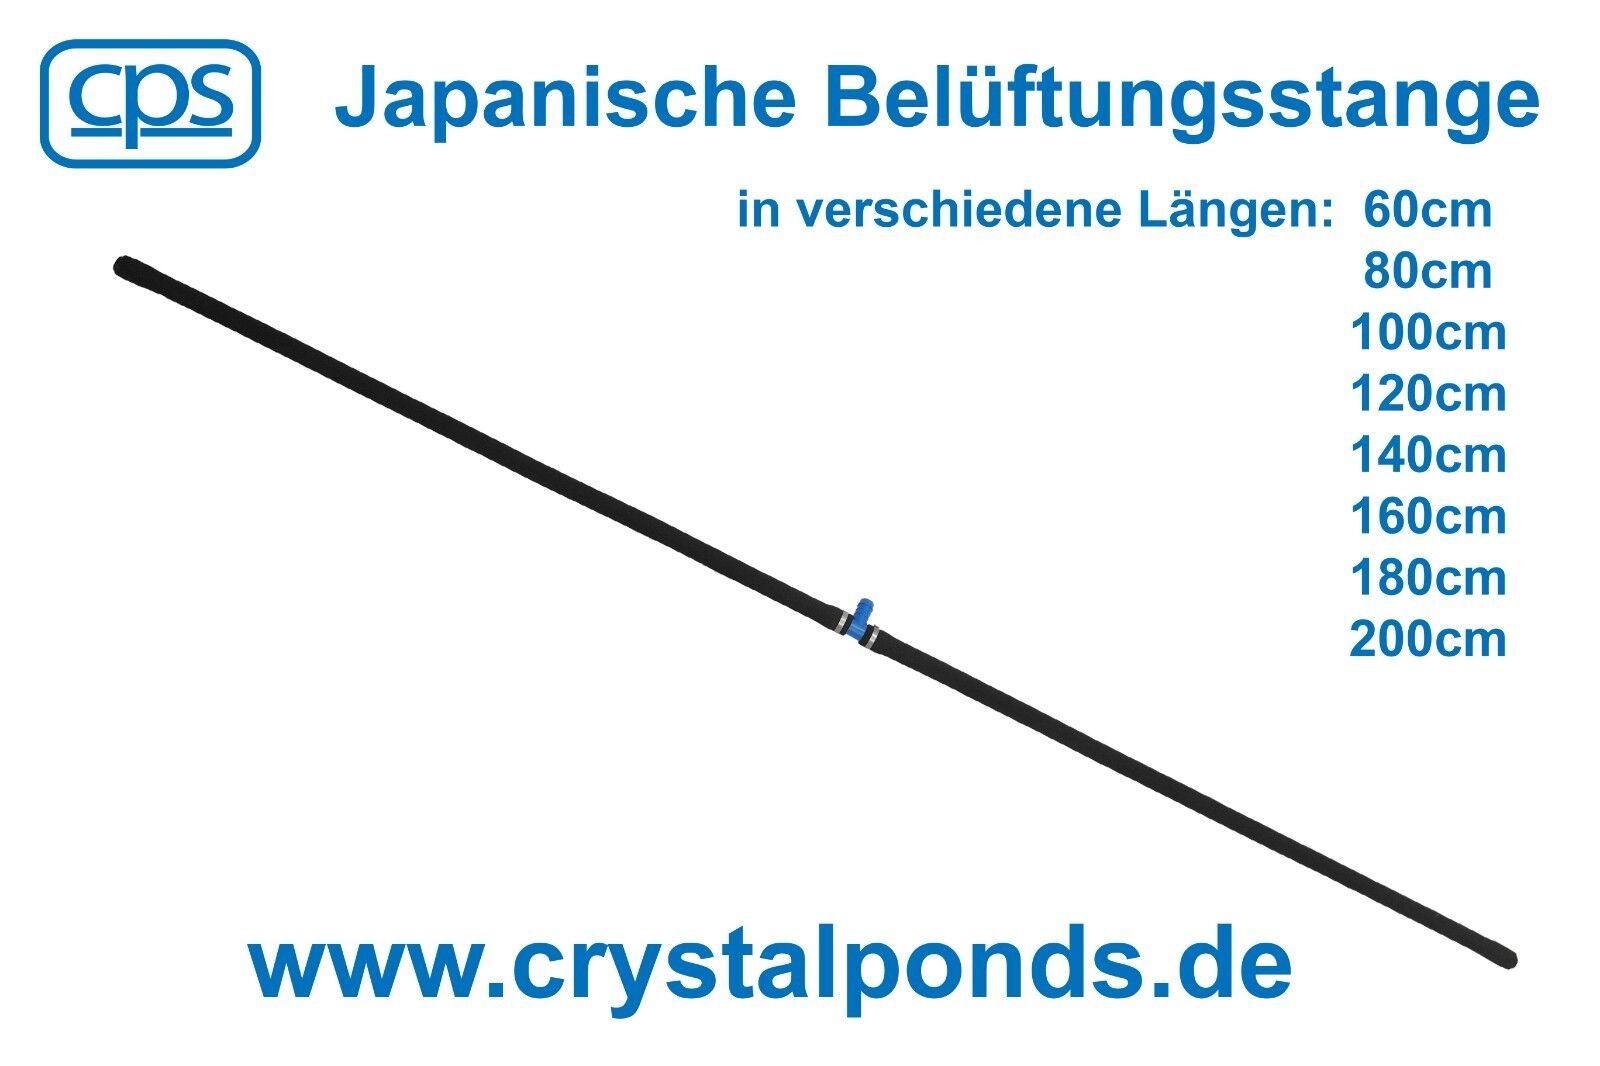 Angebot Japan Belüfterstange T-Form Belüftungsstange Belüfterring Belüftungsring